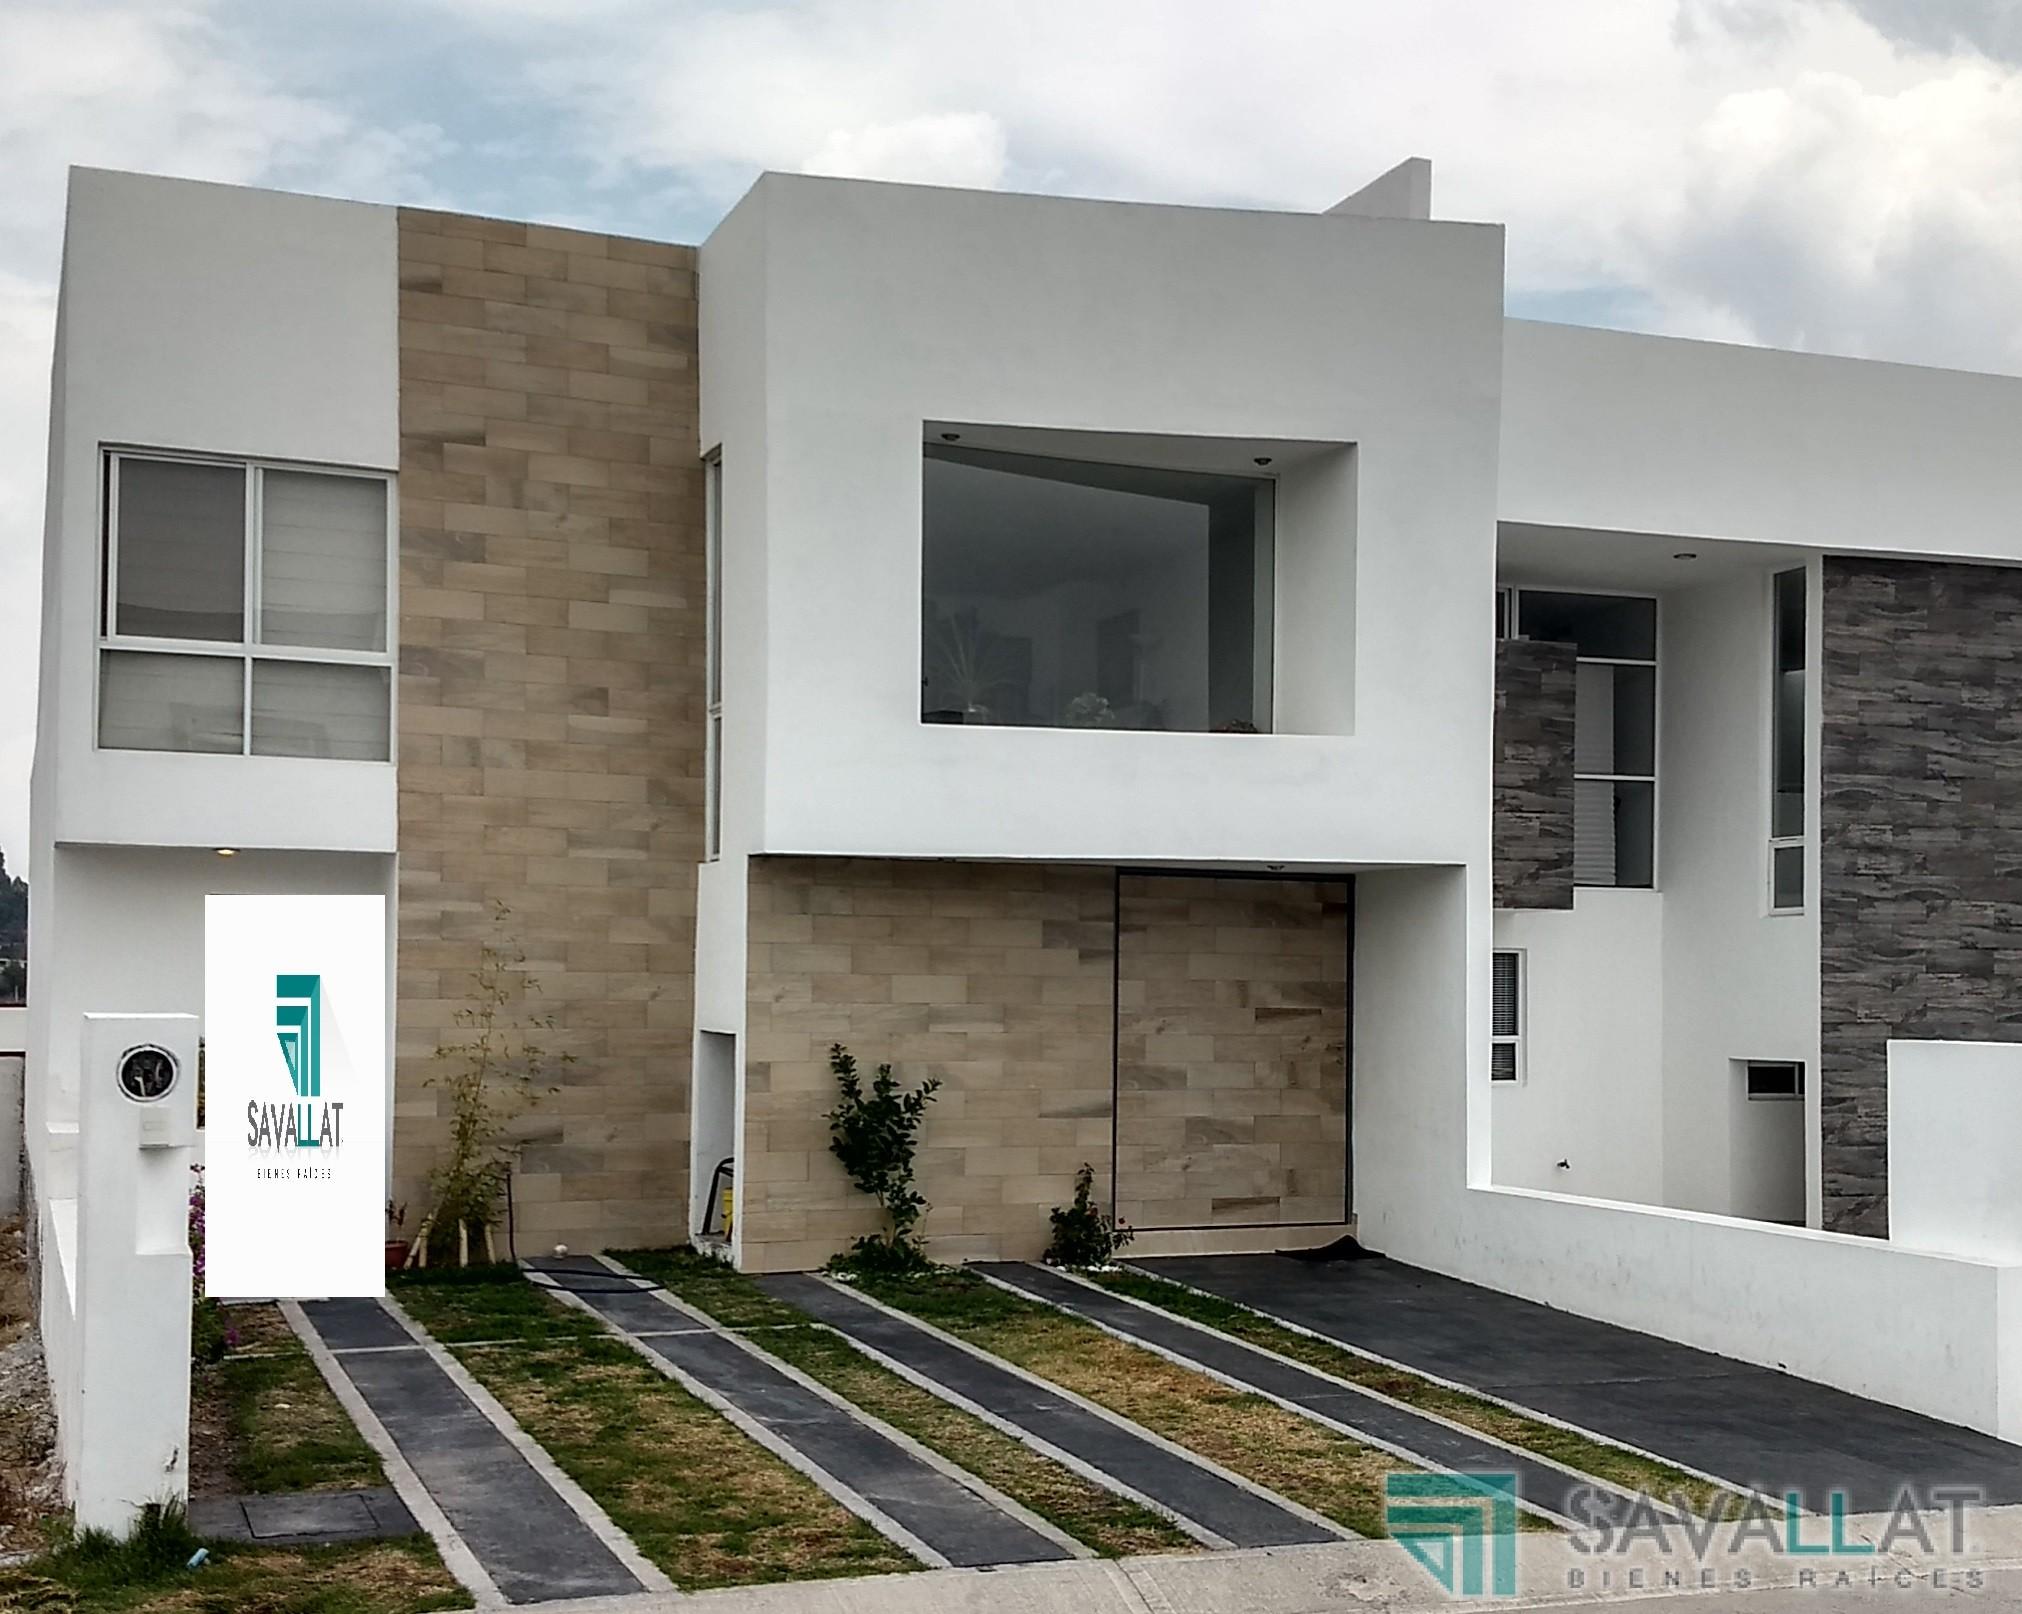 Savallat bienes raices casa en venta en grand juriquilla for Casas modernas juriquilla queretaro